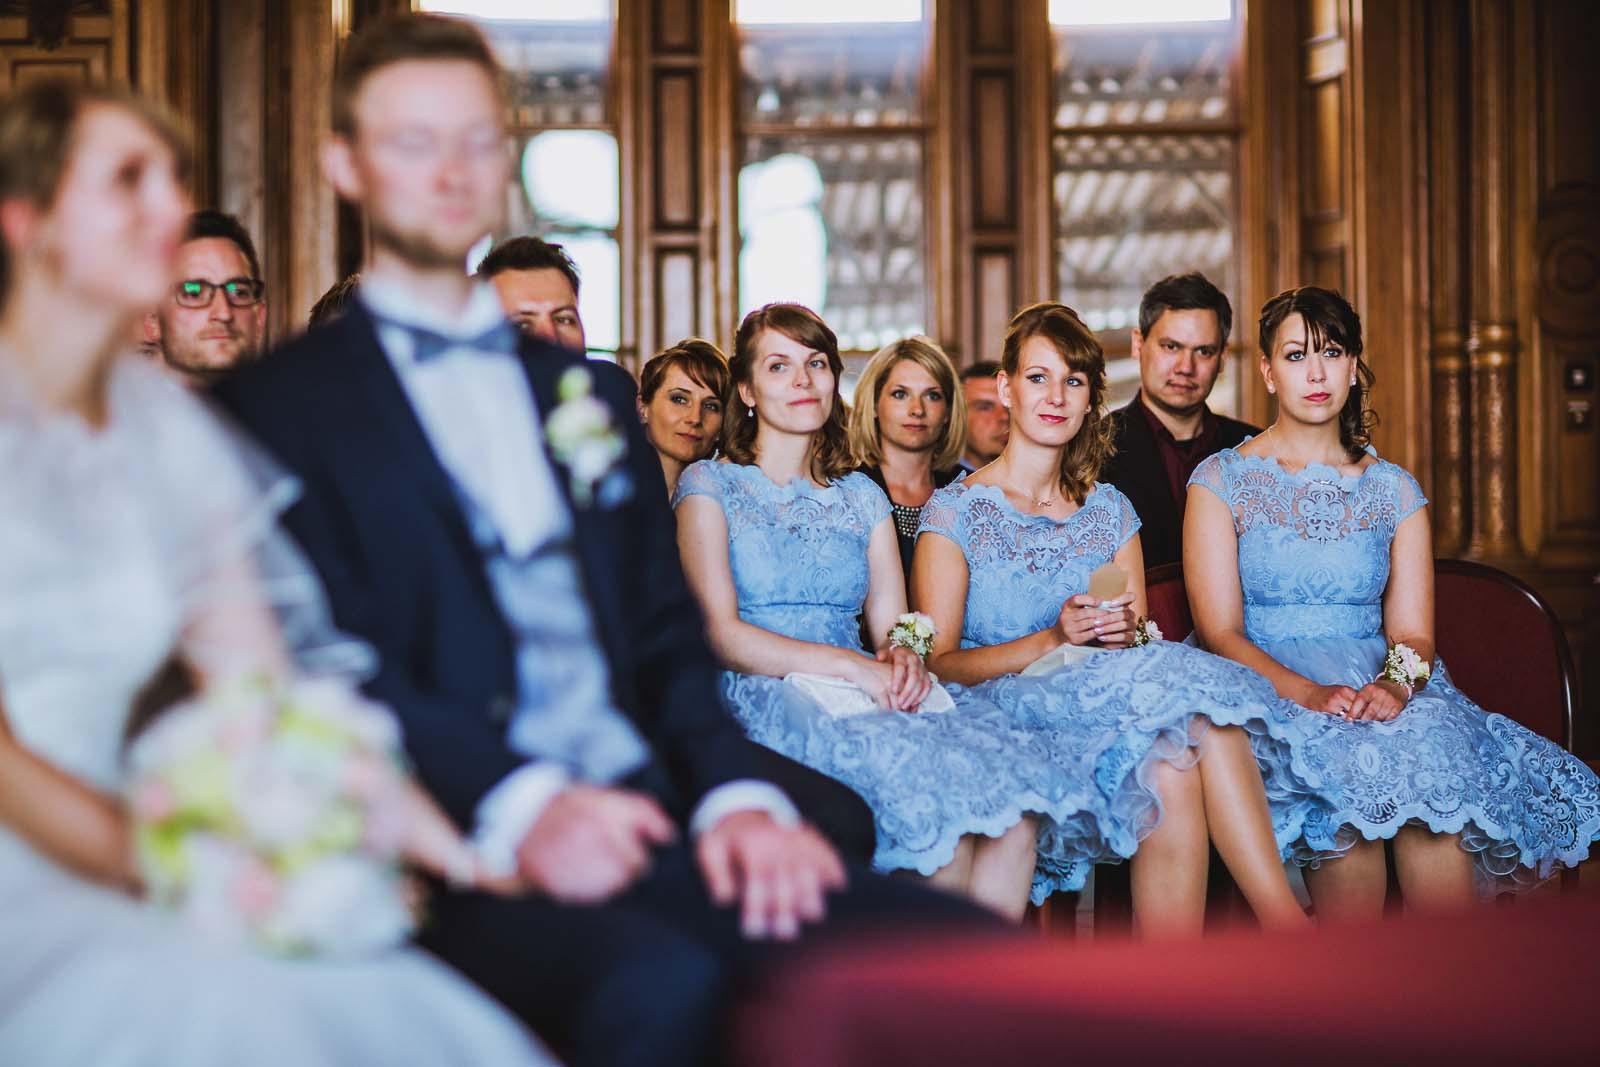 34-Hochzeitsreportage-vom-professionellem-Hochzeitsfotograf Hochzeitsfotograf © www.hochzeitsfotograf-berlin.net